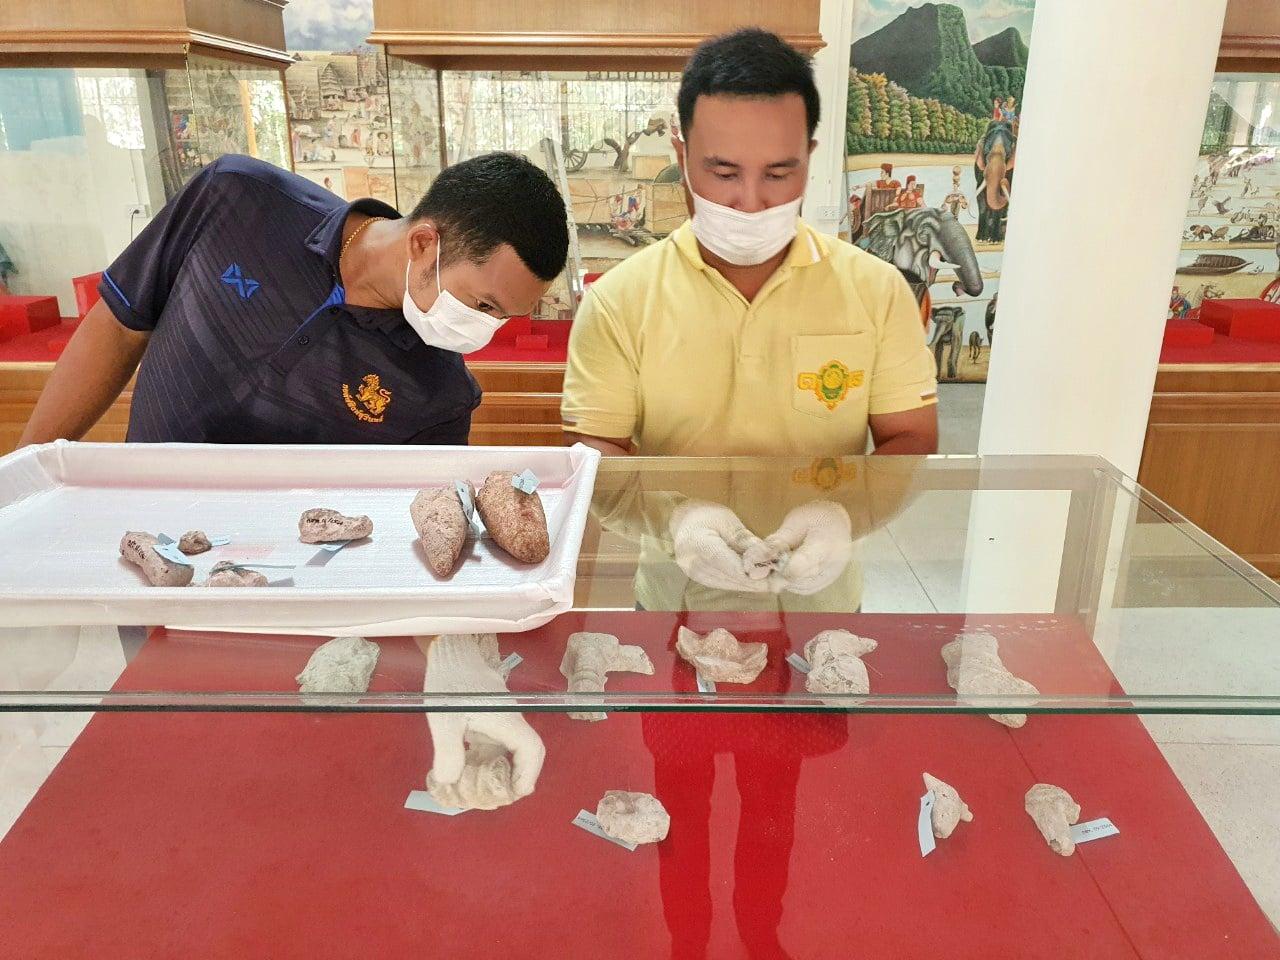 โครงการพิพิธภัณฑ์สัญจร เนื่องในวันพิพิธภัณฑ์ไทย ประจำปีพุทธศักราช ๒๕๖๔ ณ พิพิธภัณฑ์กู่แก้วสี่ทิศ วัดพระธาตุกู่แก้ว อำเภอราษีไศล จังหวัดศรีสะเกษ